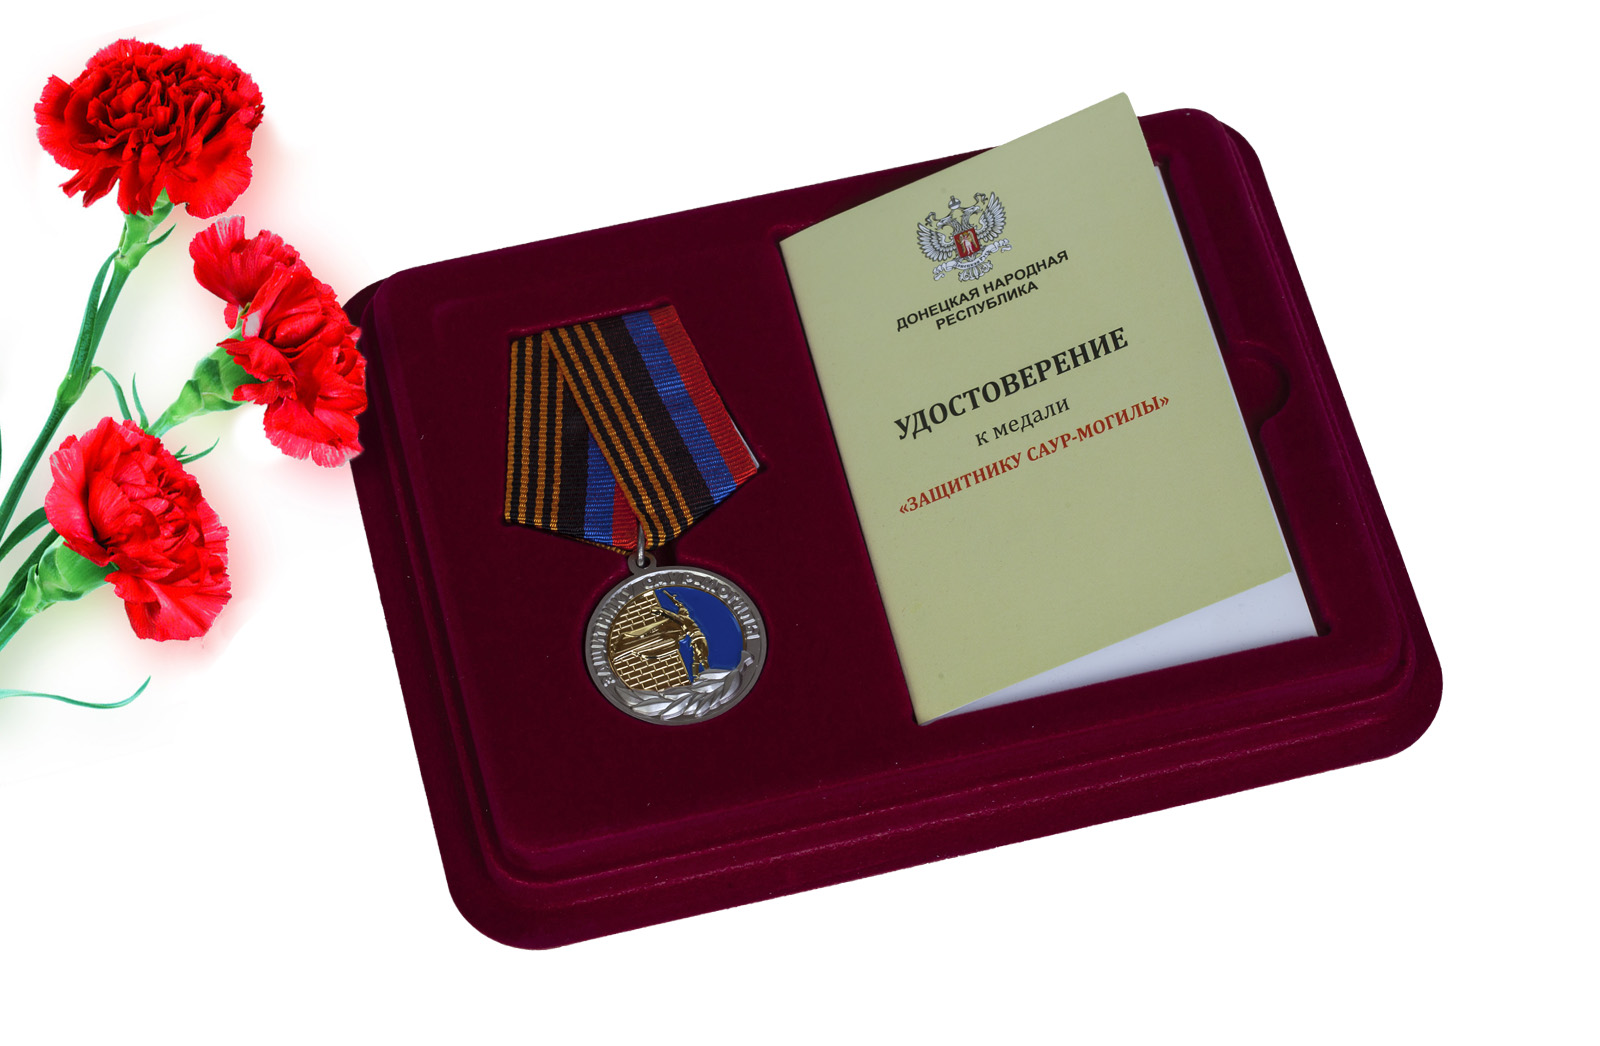 Купить медаль Защитнику Саур-Могилы ДНР оптом или в розницу